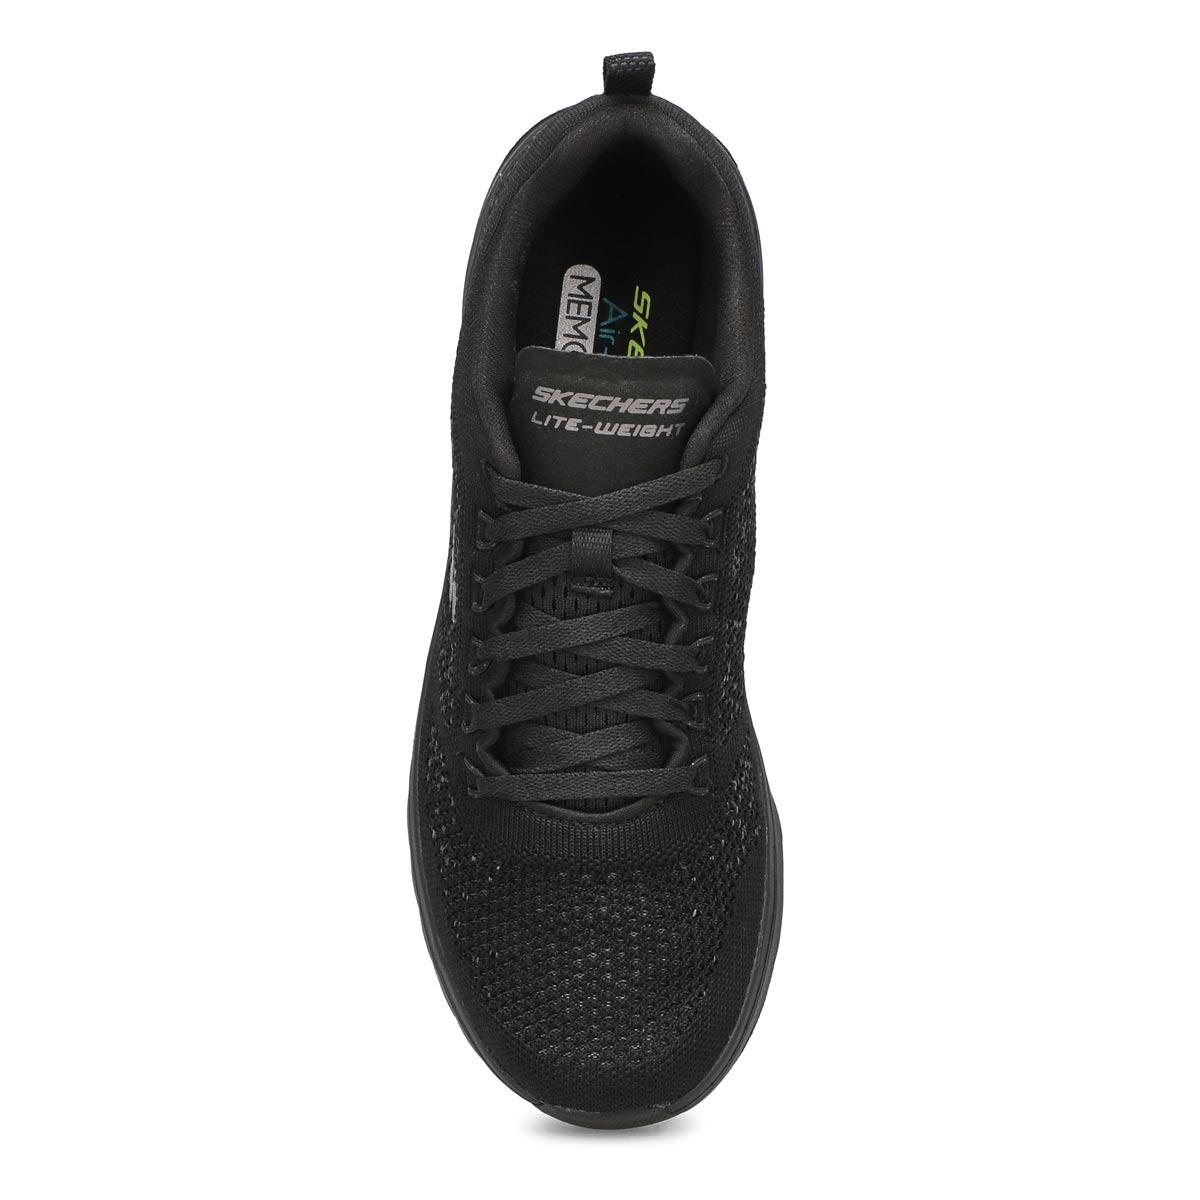 Chaussures de course ULTRA GROOVE, noir, hommes